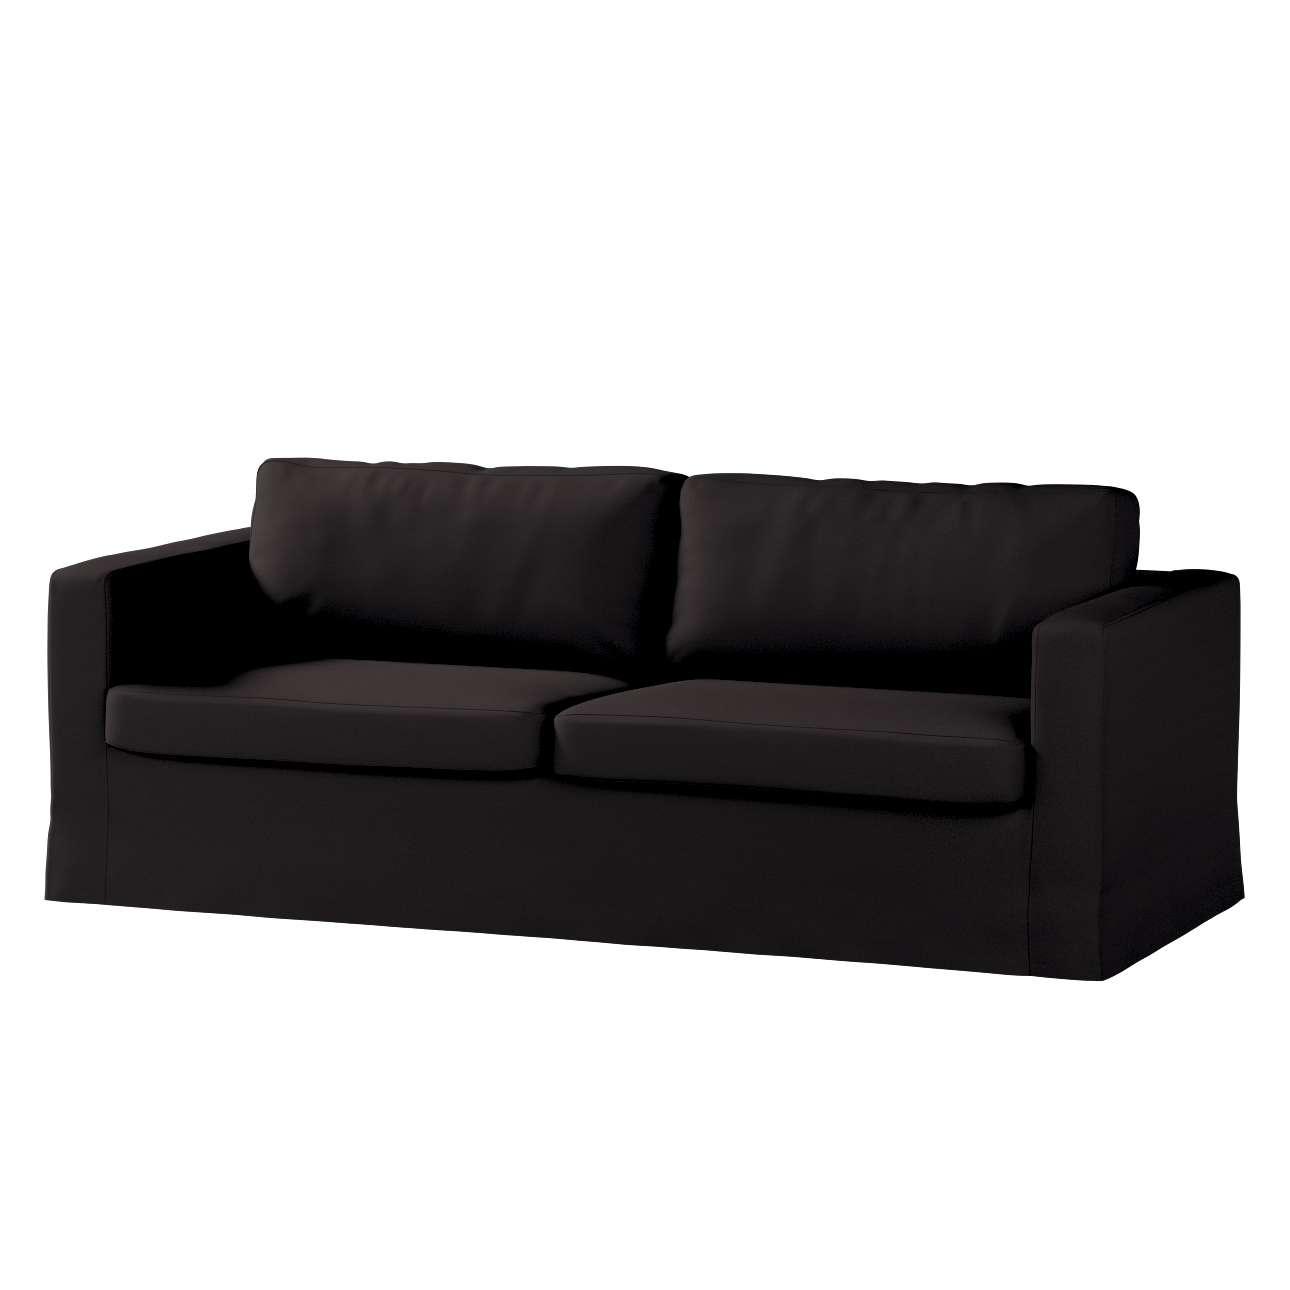 Karlstad 3-Sitzer Sofabezug nicht ausklappbar lang Sofahusse, Karlstad 3-Sitzer von der Kollektion Cotton Panama, Stoff: 702-09